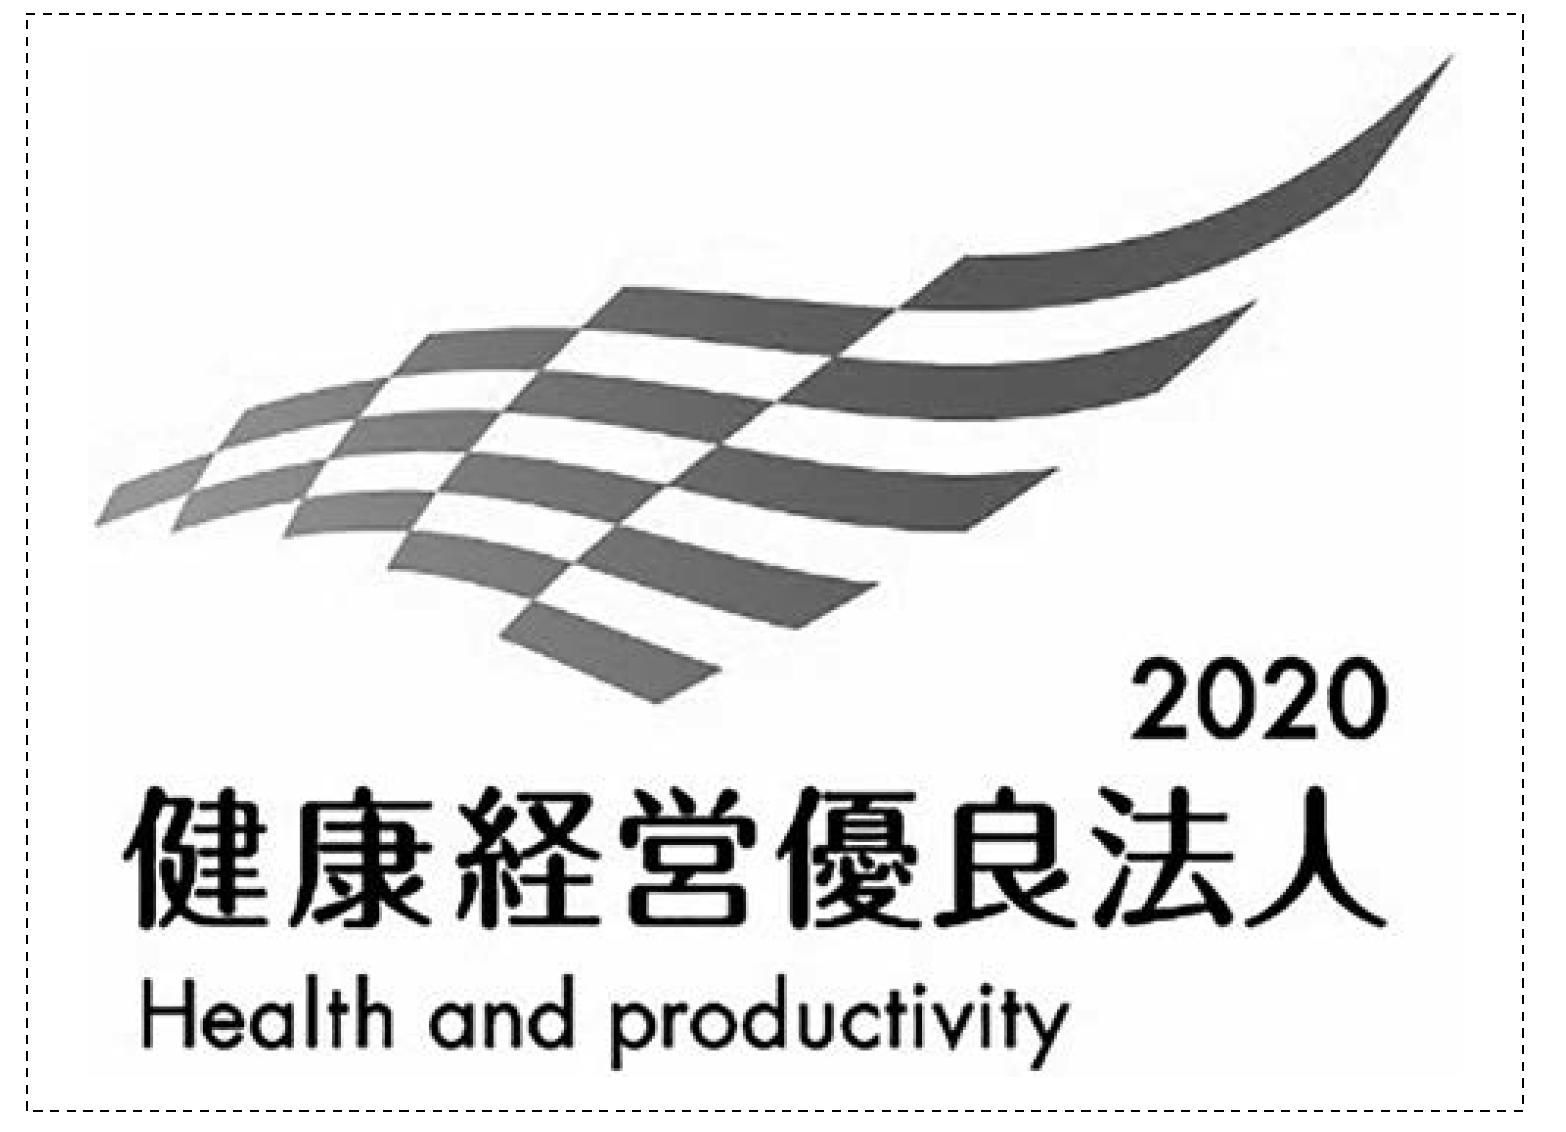 【経産省】認定法人を公表 上位500社に東芝ライテック、三菱電機などの画像